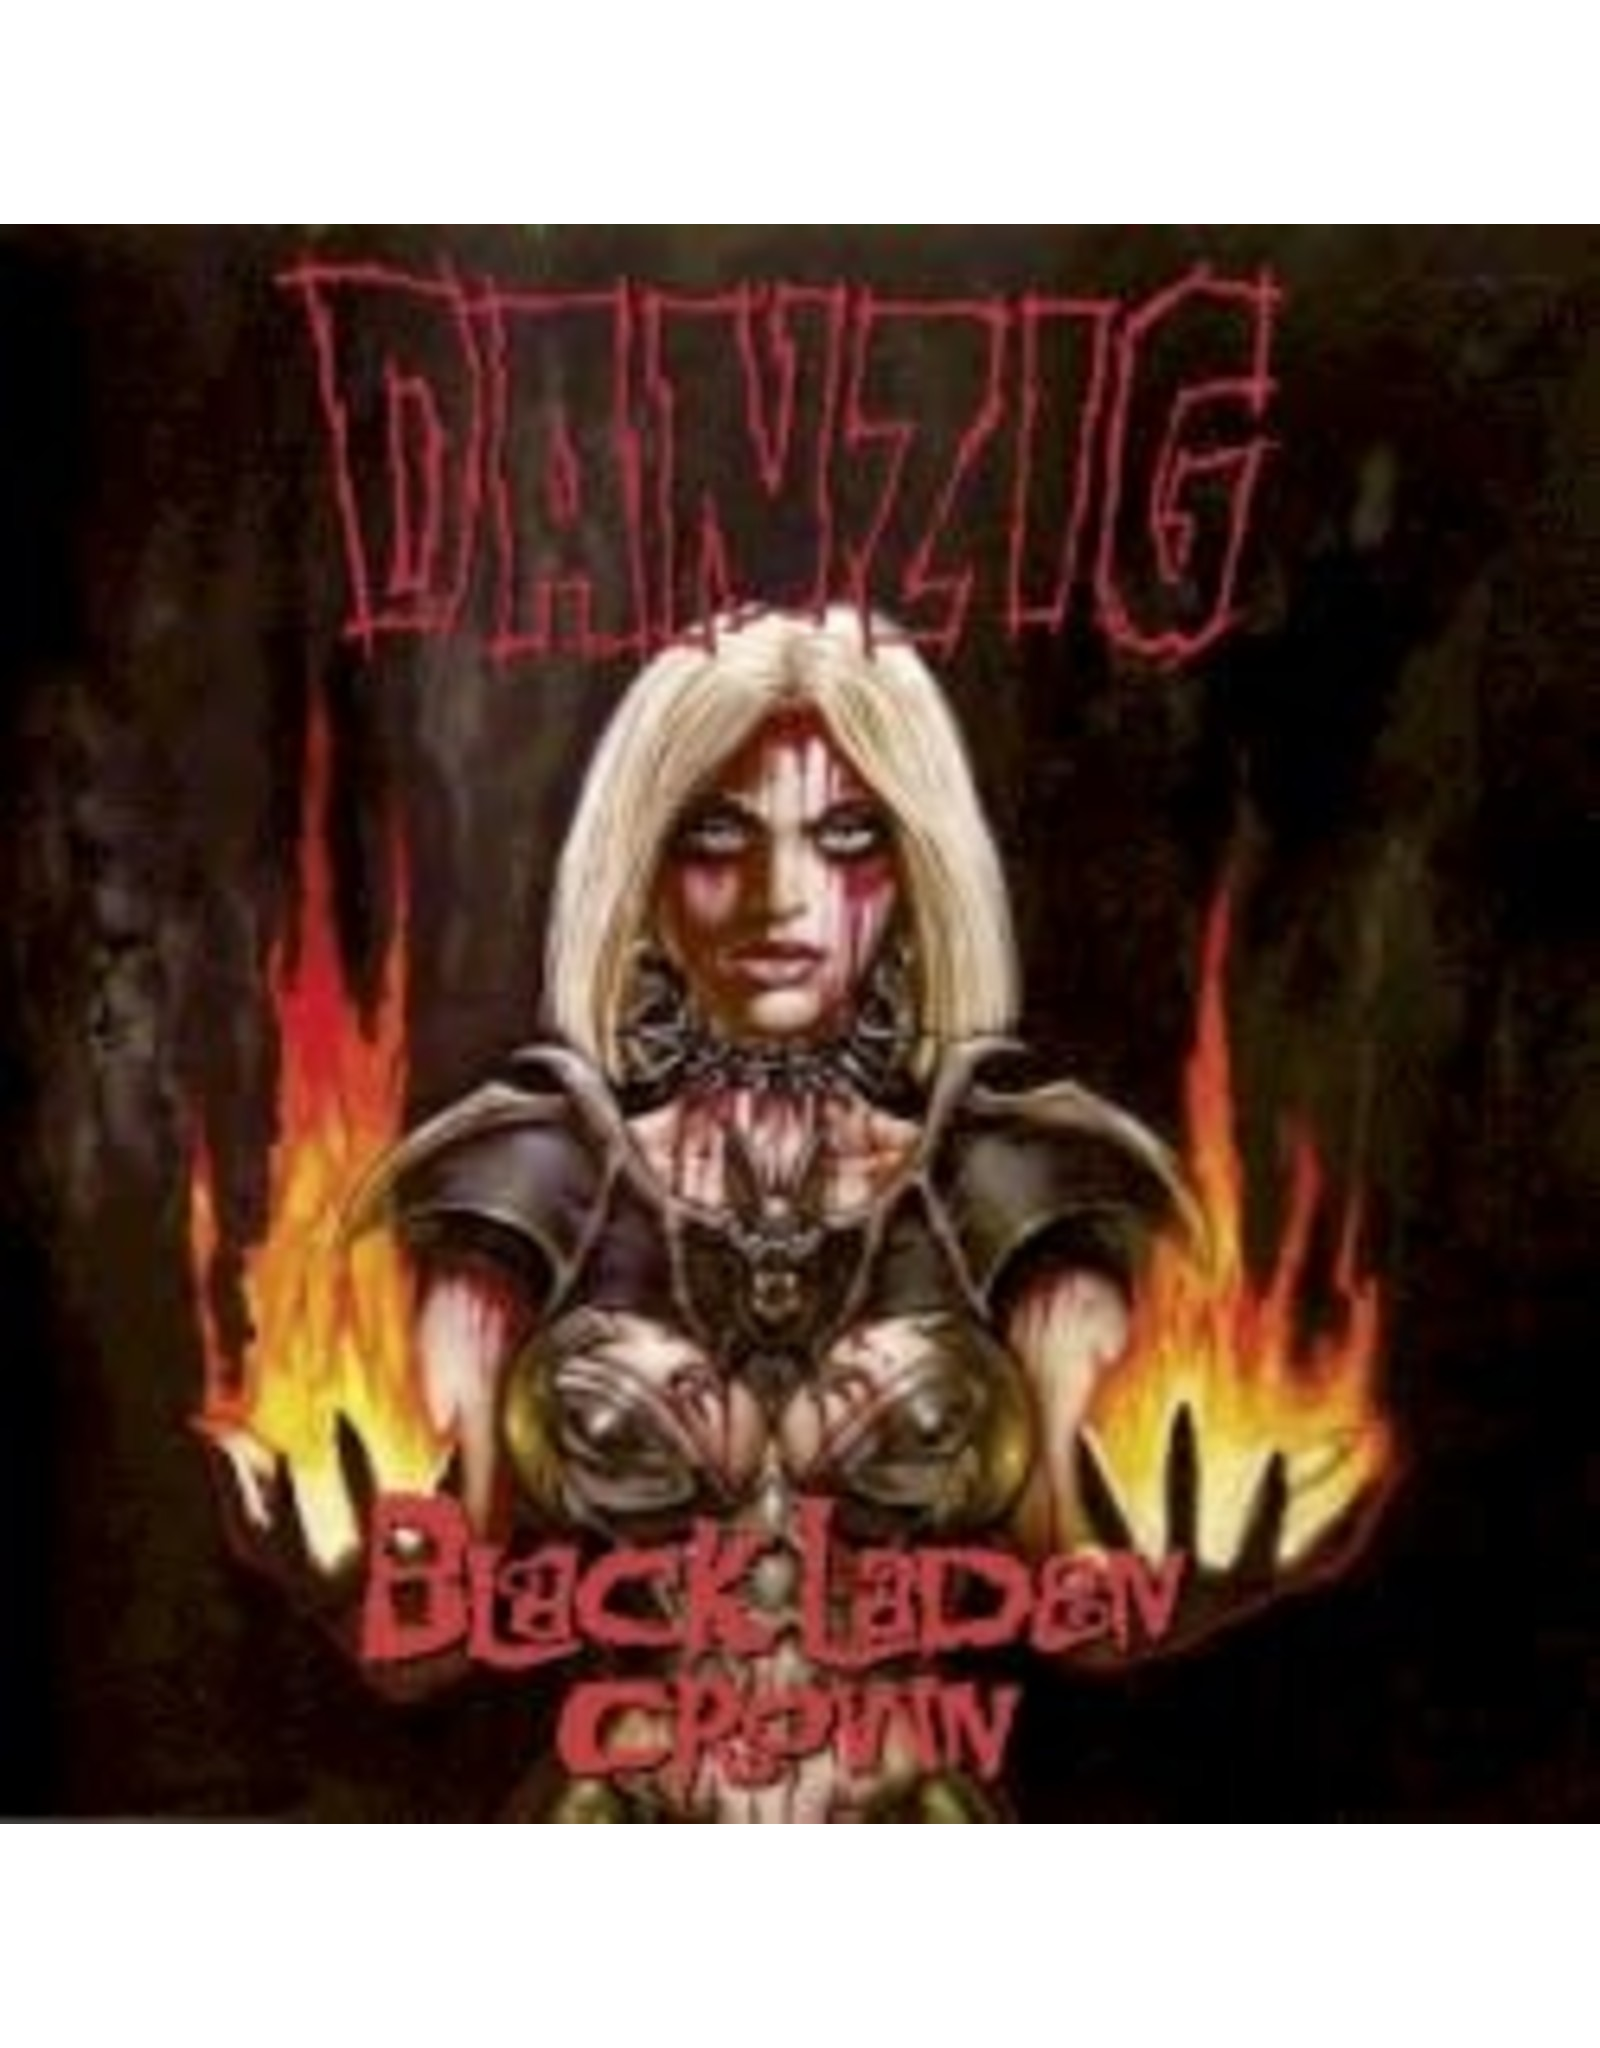 Danzig - Black Laden Crown LP